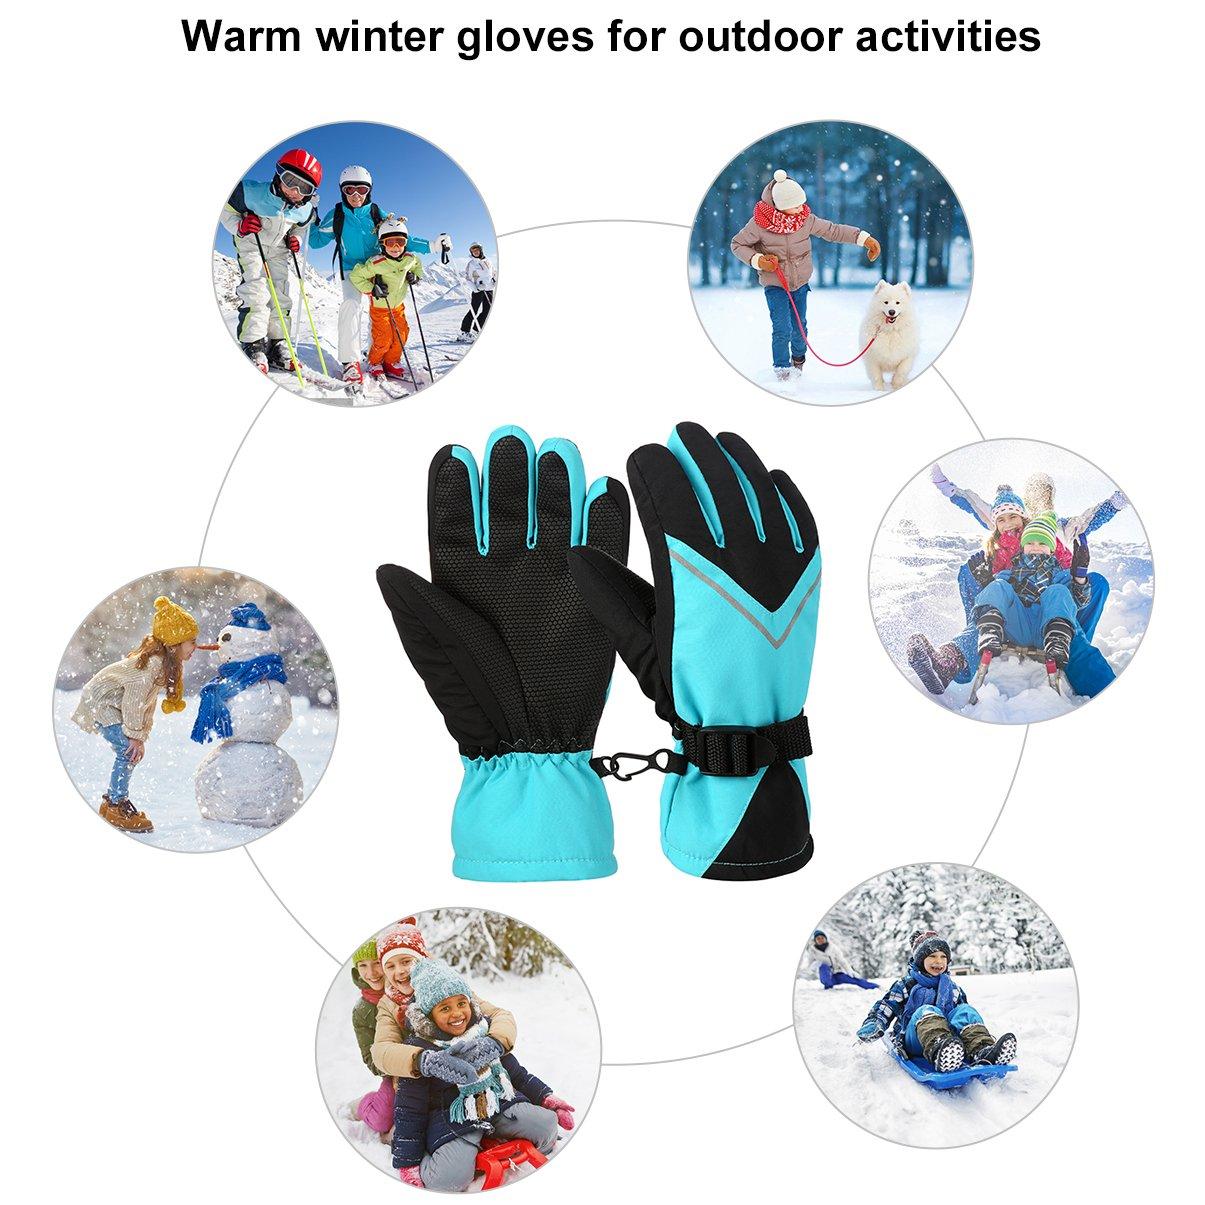 Vbiger Kinder Skihandschuhe Schnee Handschuhe Outdoor Sporthandschuhe with Anti-Rutsch Plam Winddicht Wasserdicht Warme Winter Handschuhe for 6-14 Jahre alt Junge und Mädchen